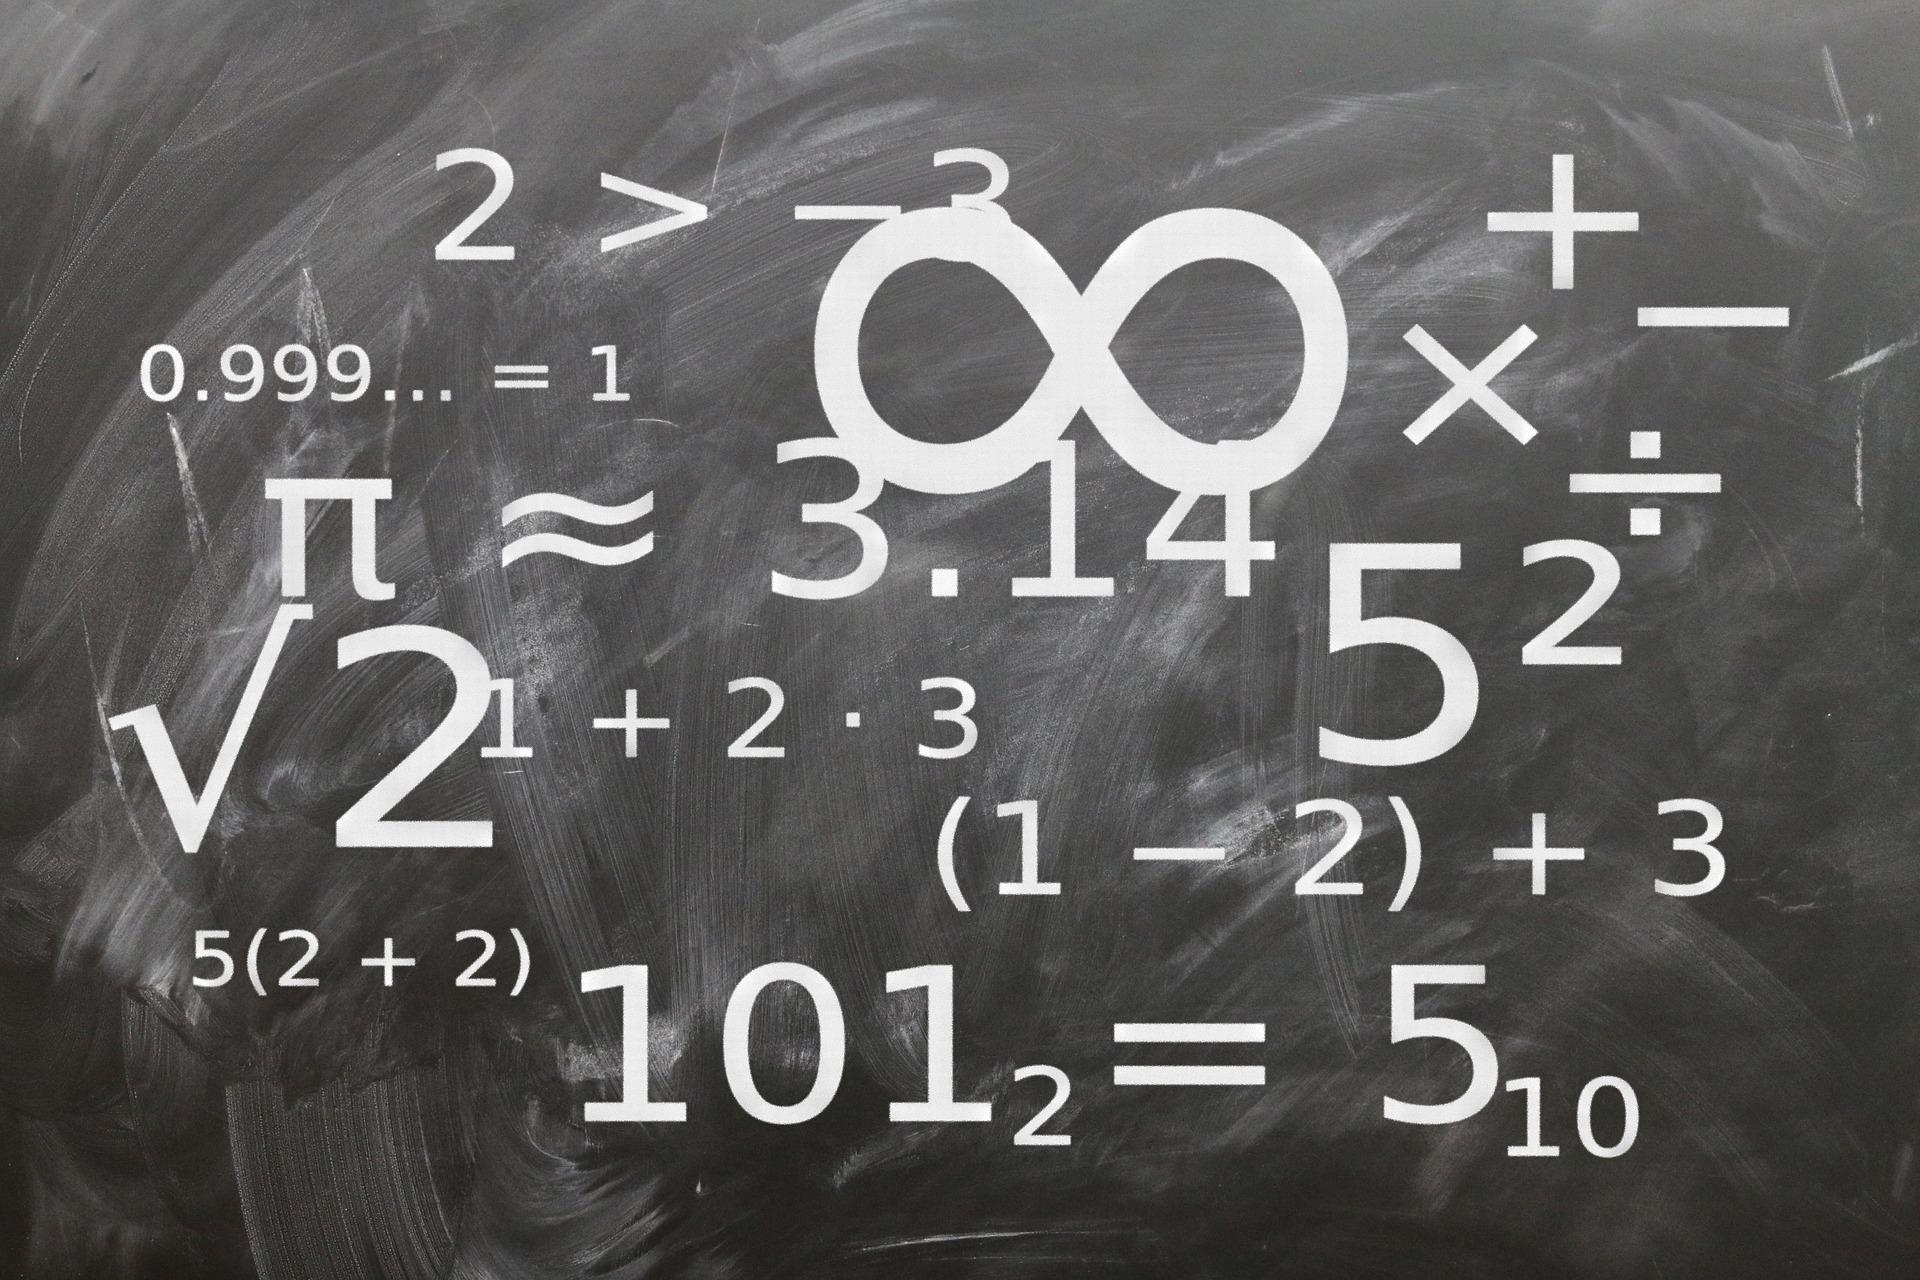 071915885-grafikaDoQuizowMatematycznych